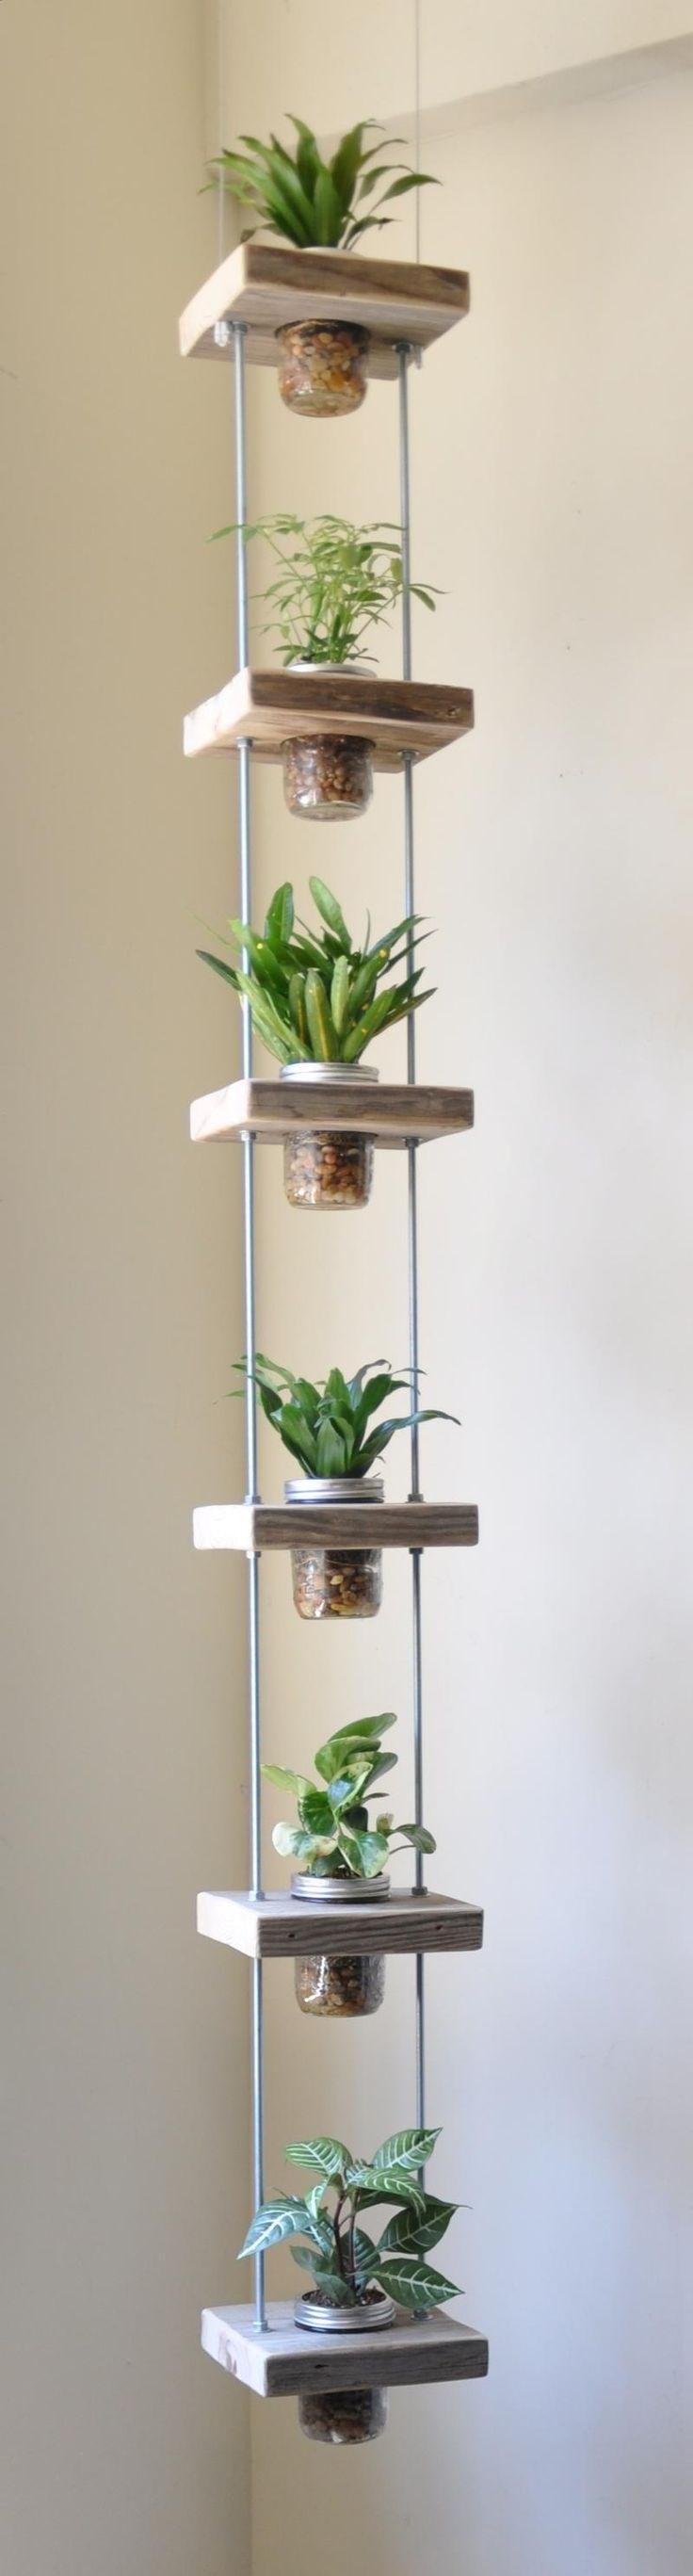 vertical garden indoor herb garden hanging herbs wall on indoor herb garden diy wall vertical planter id=66046